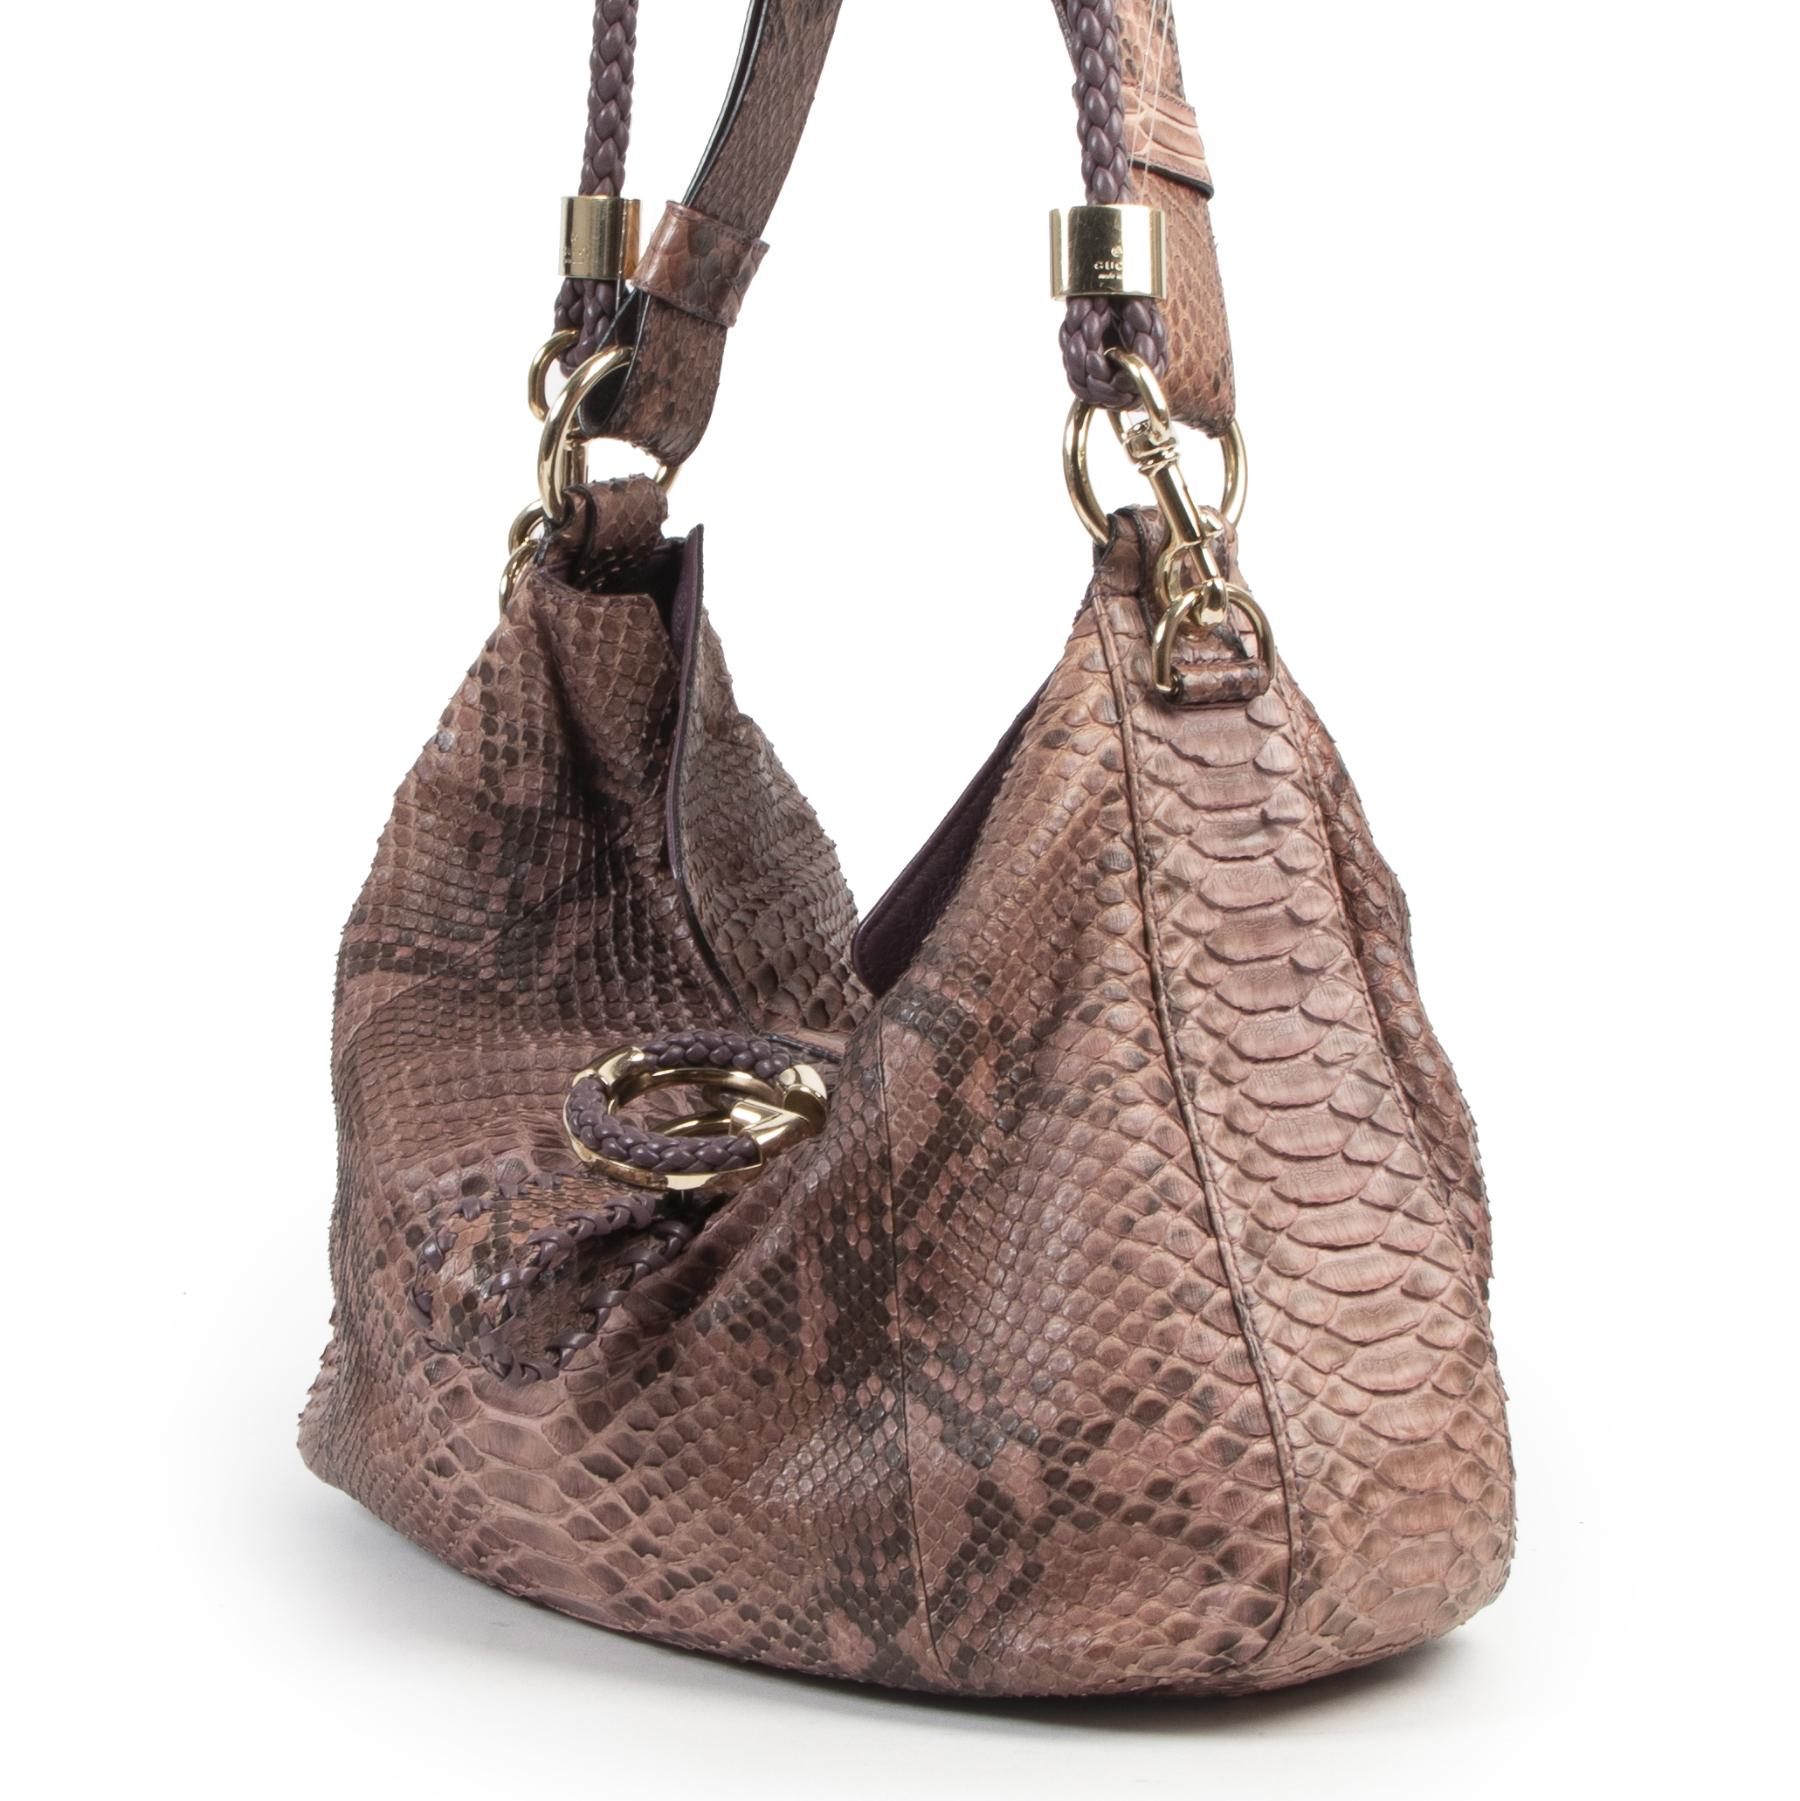 Koop authentieke tweedehands Gucci handtasssen met juiste prijs bij LabelLOV.